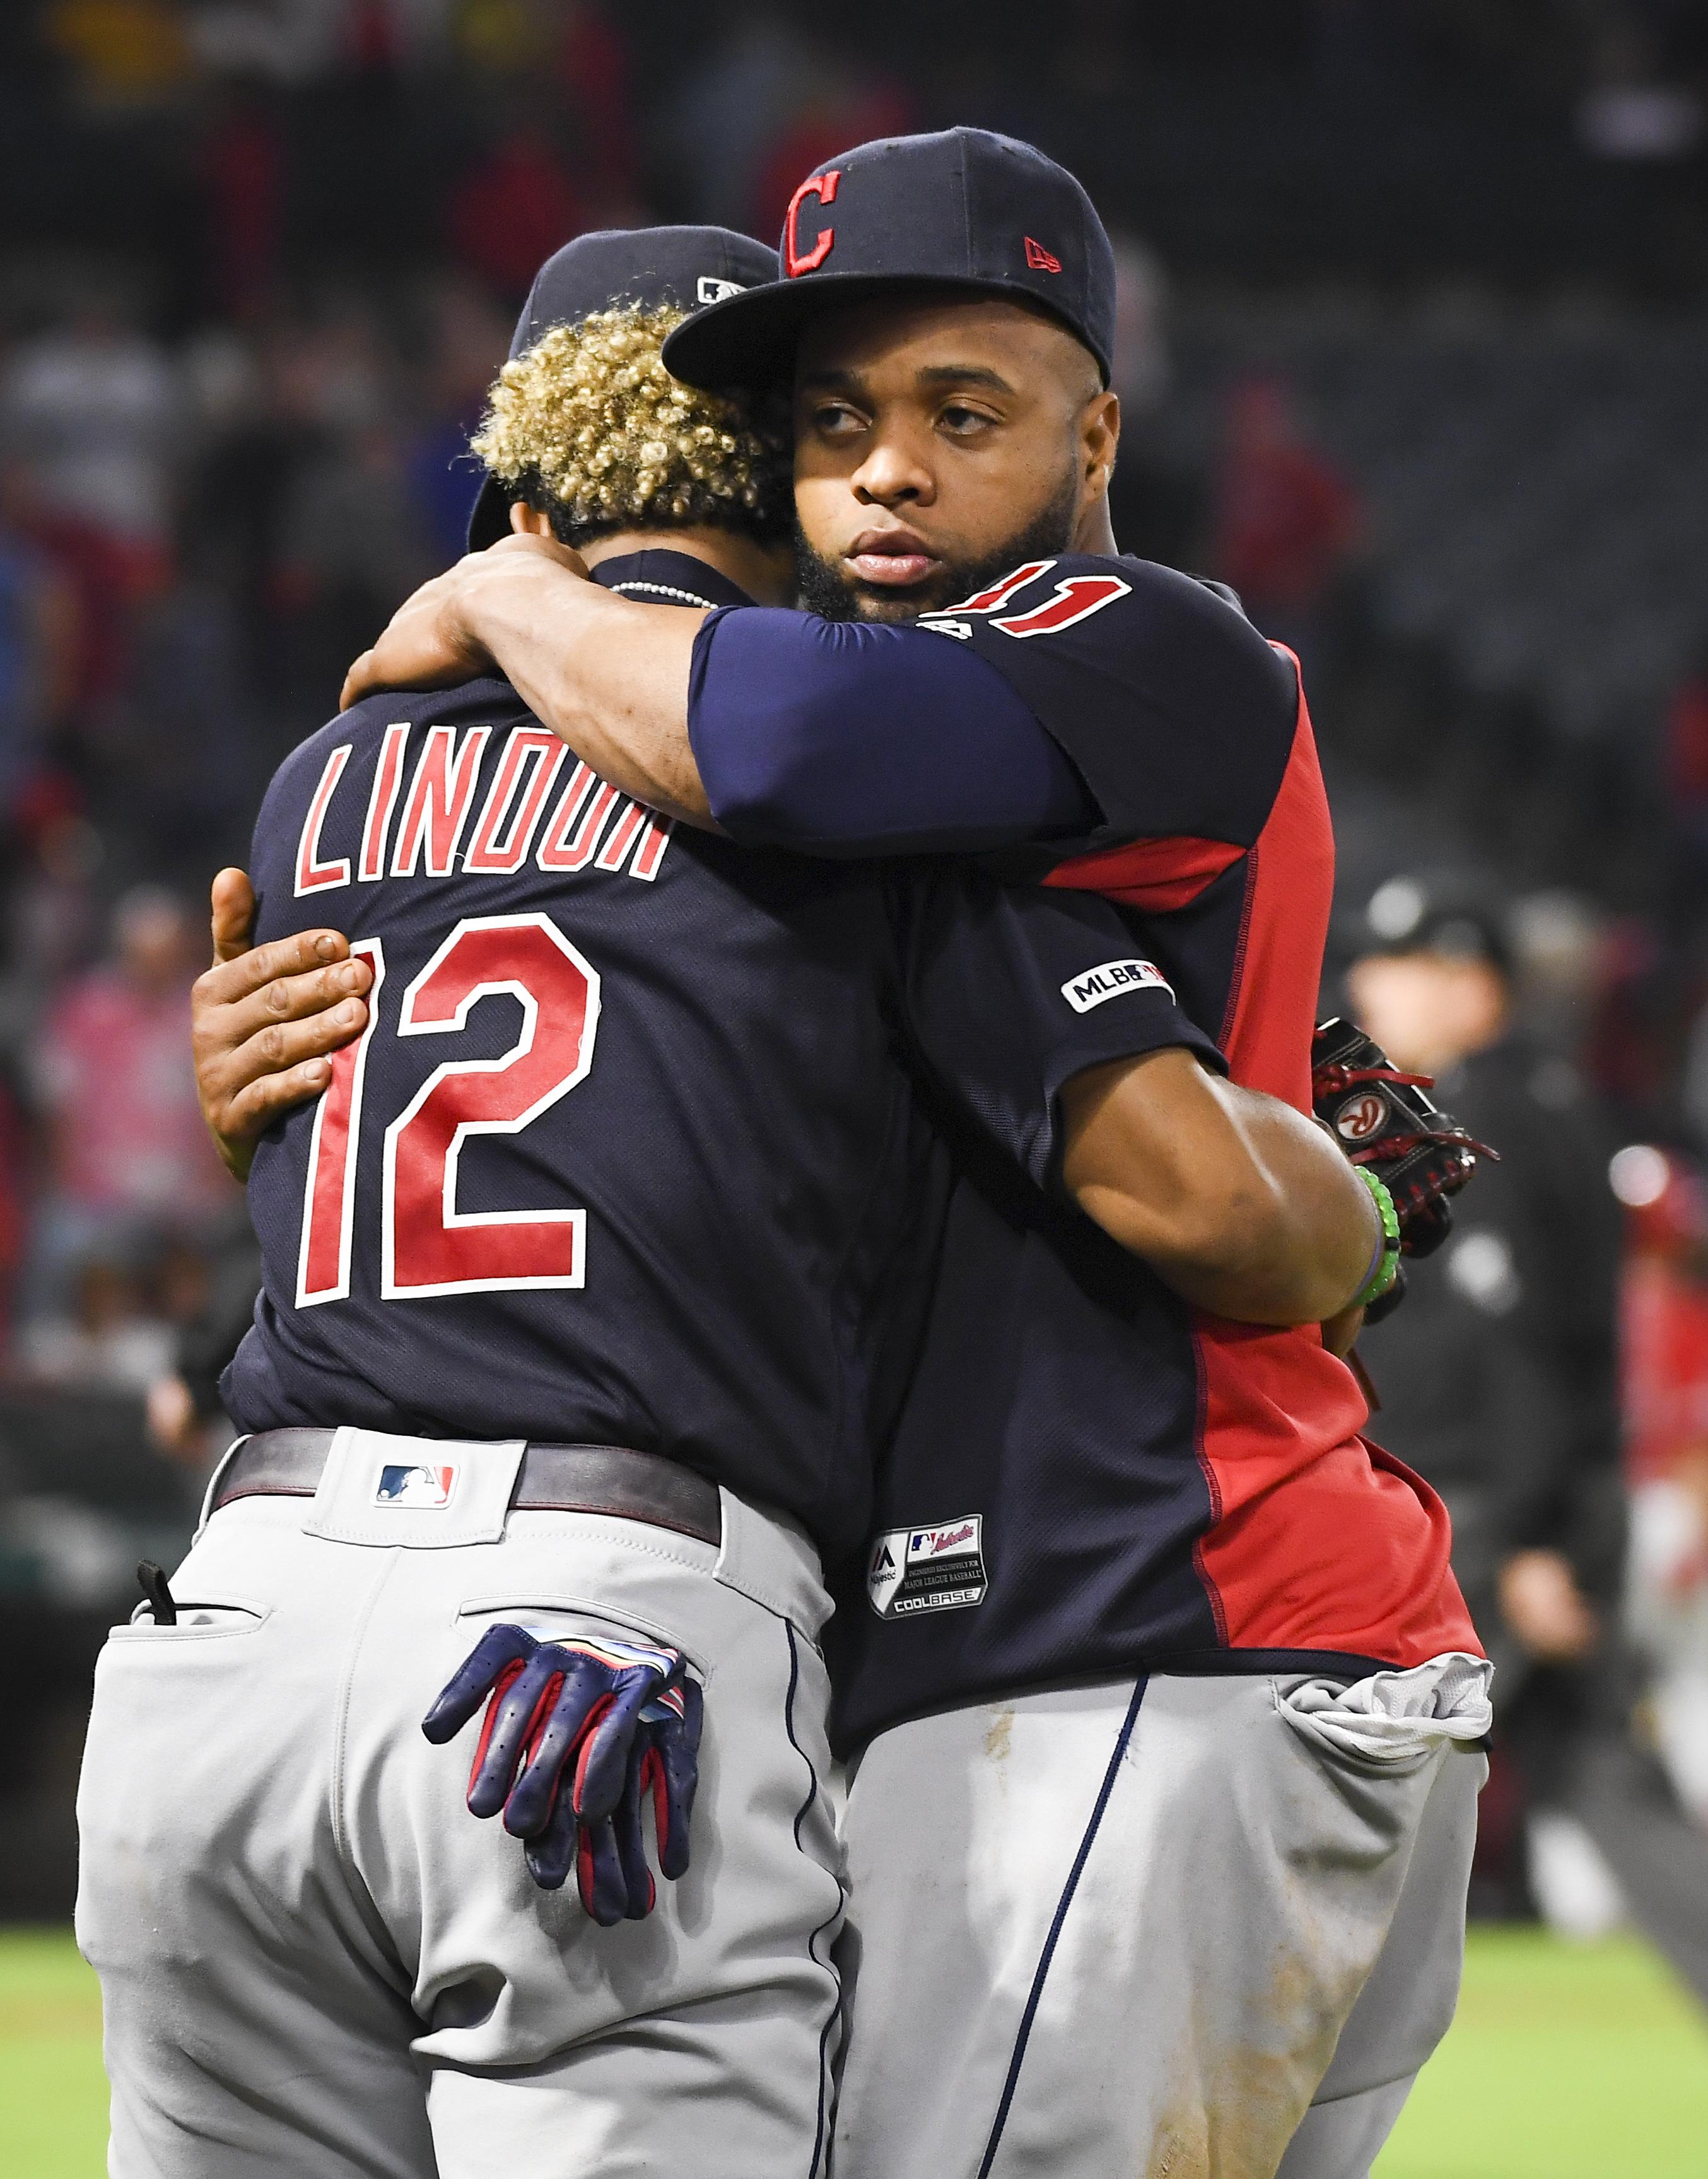 MLB: SEP 10 Indians at Angels